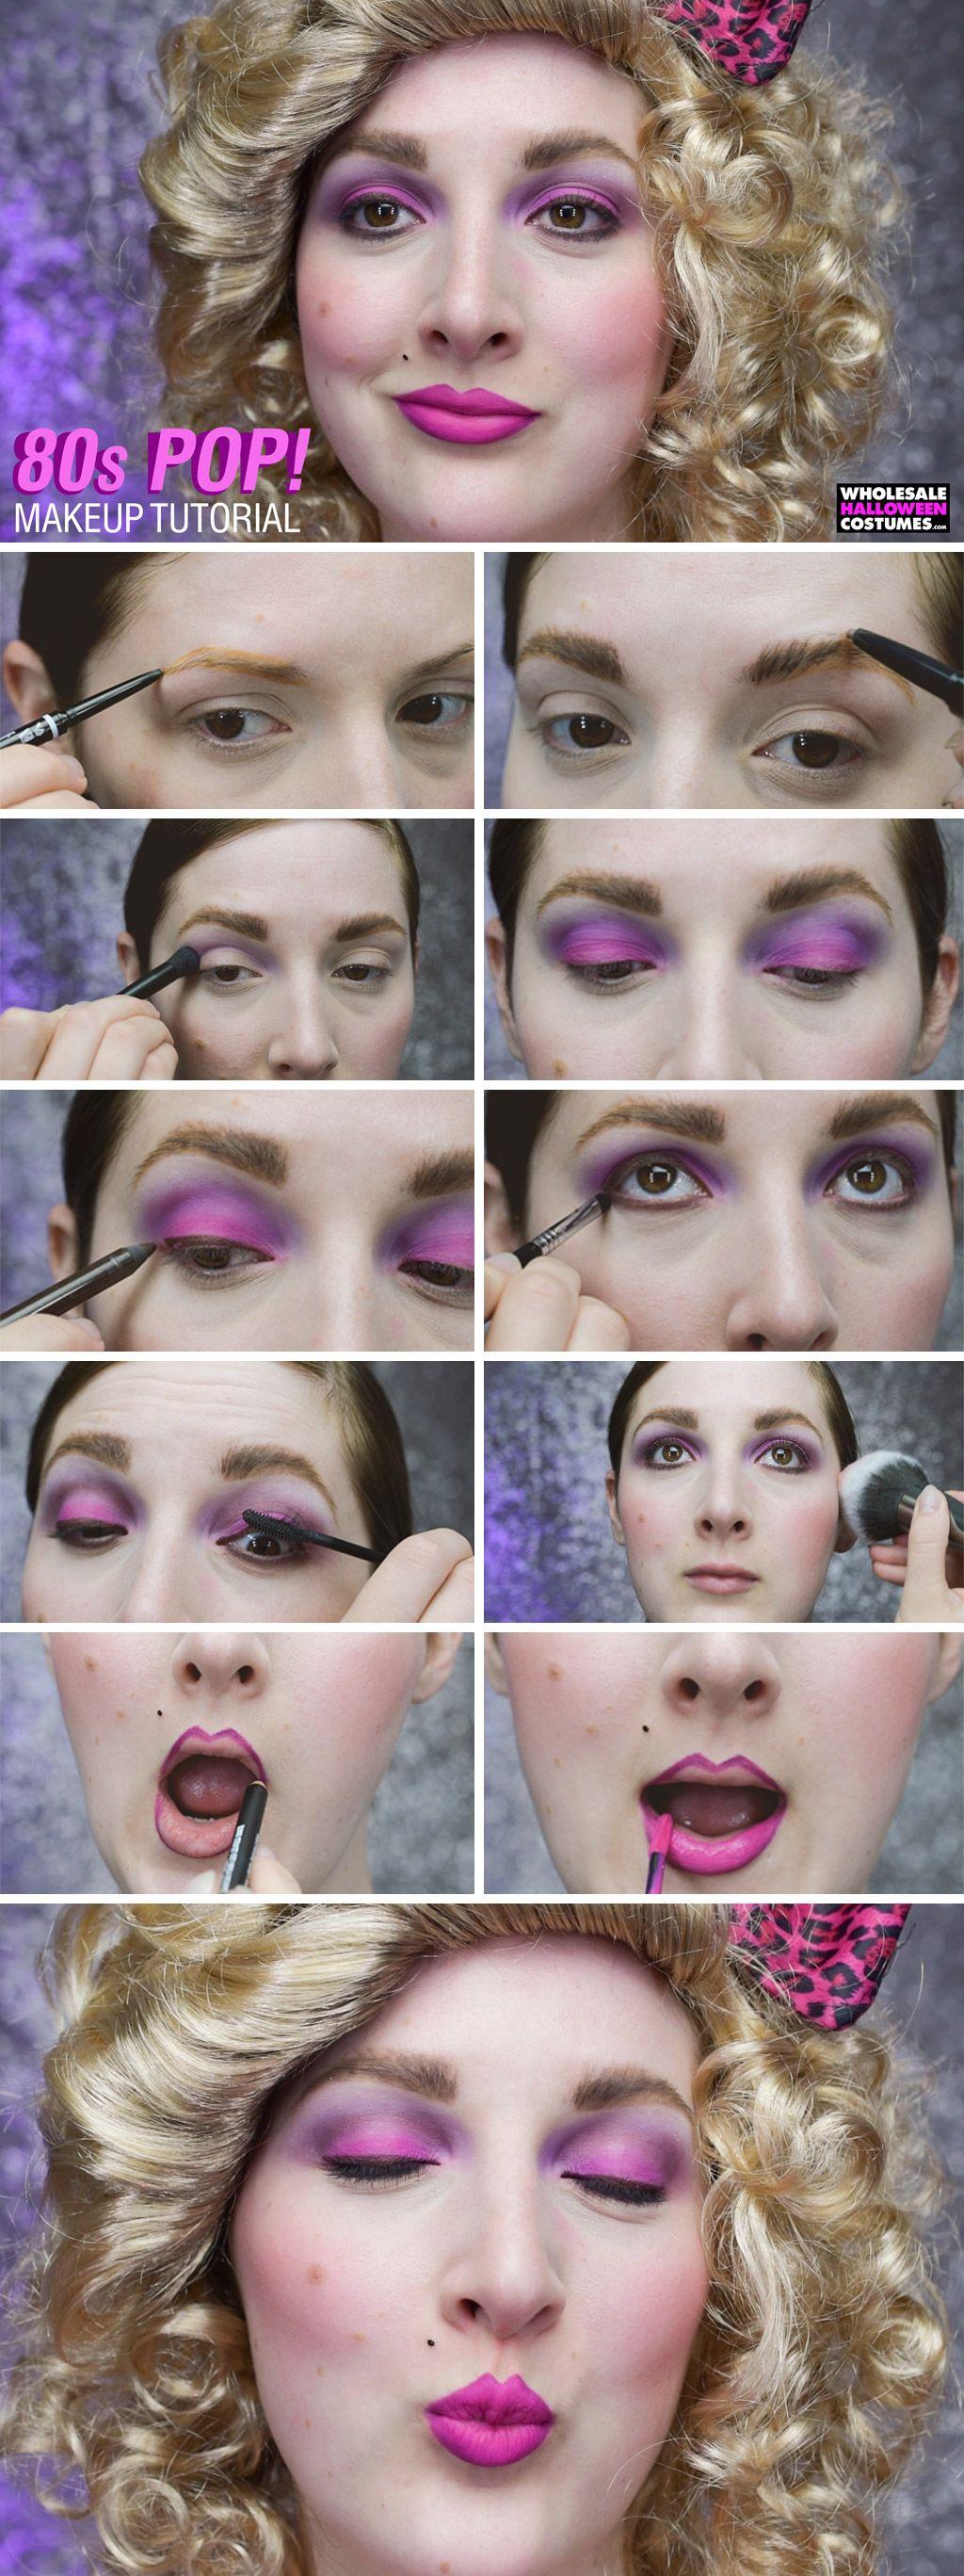 The Finishing Touch 80 S Makeup 80s Makeup Makeup 80s Makeup Tutorial